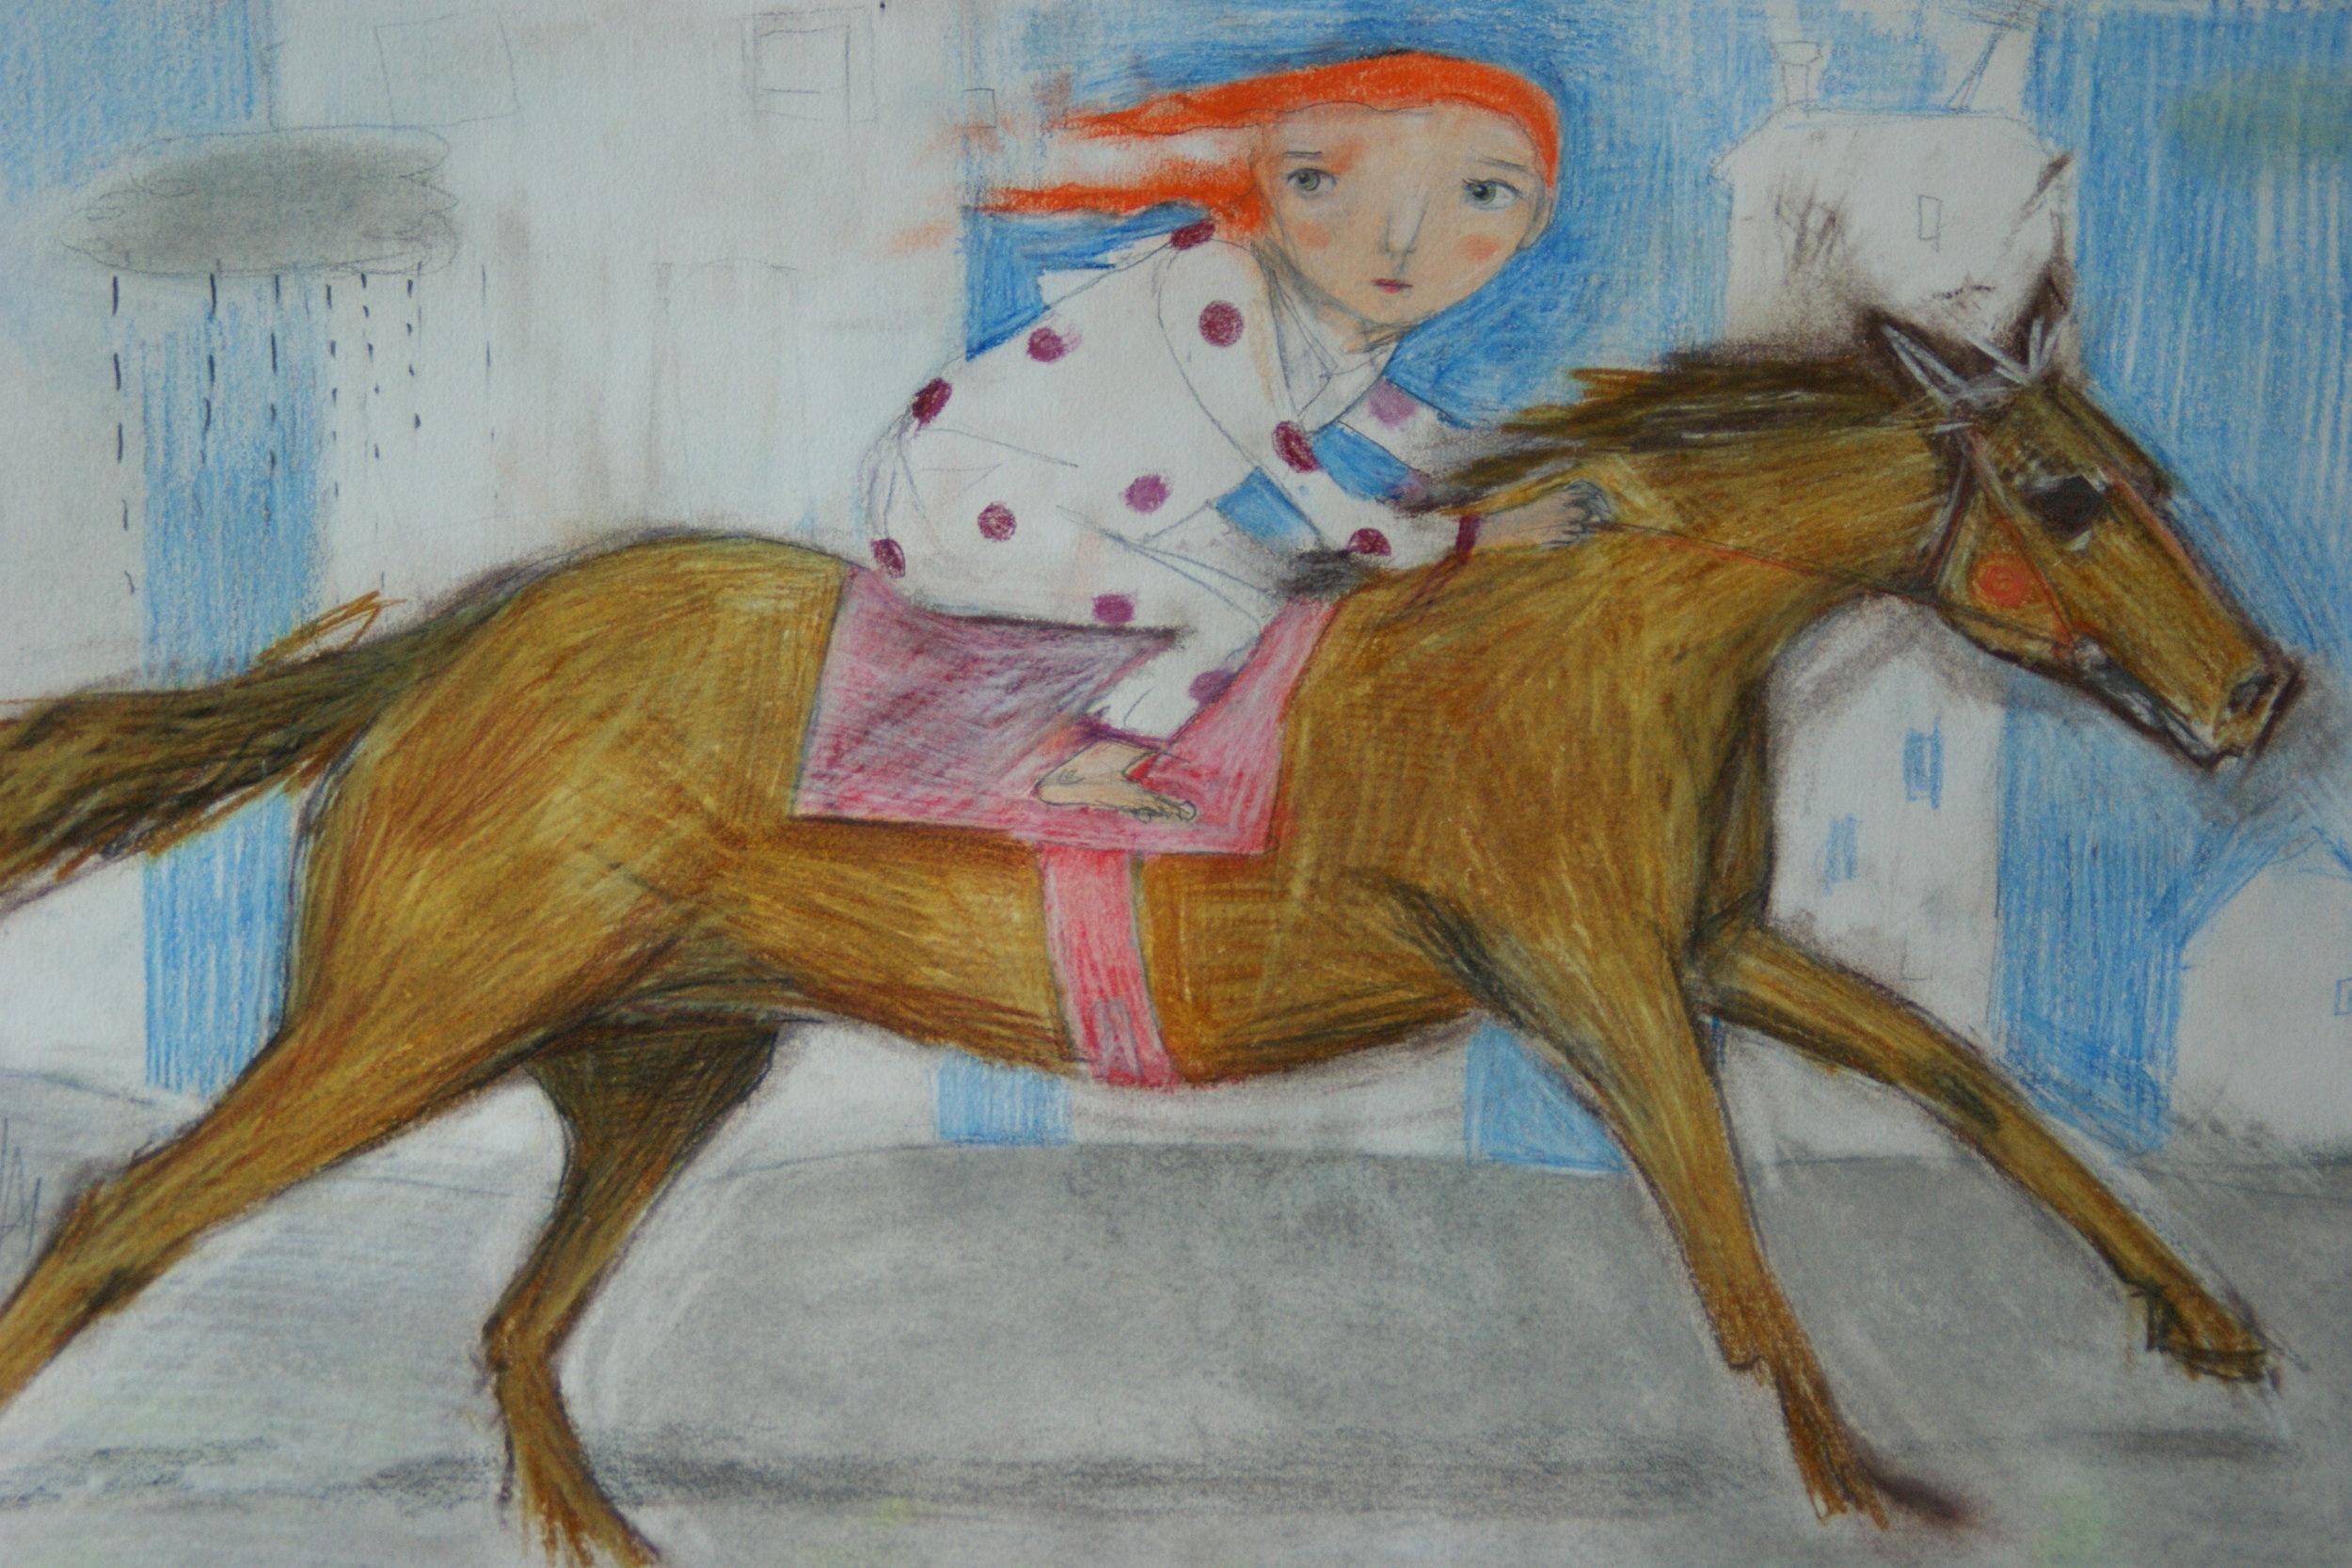 Fuga dalla città.  Opera realizzata a pastelli su carta 300 gr. Questo è il disegno che ha partecipato all'evento.